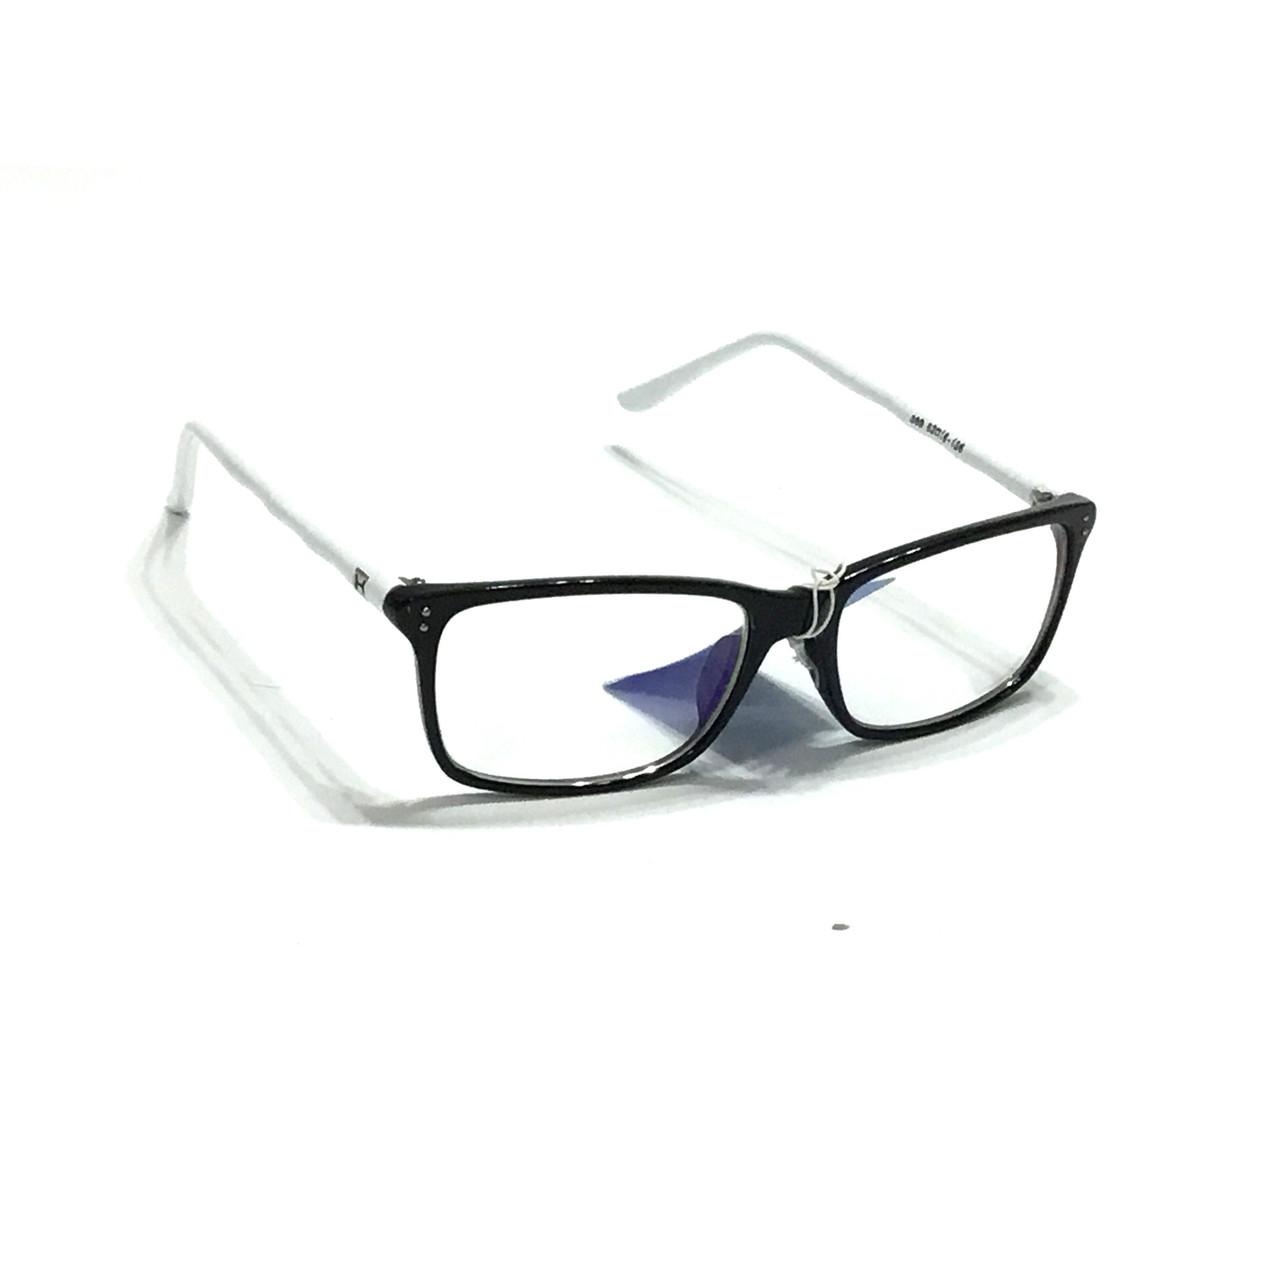 Очки для работы за компьютером  продажа f04e9ec69a172